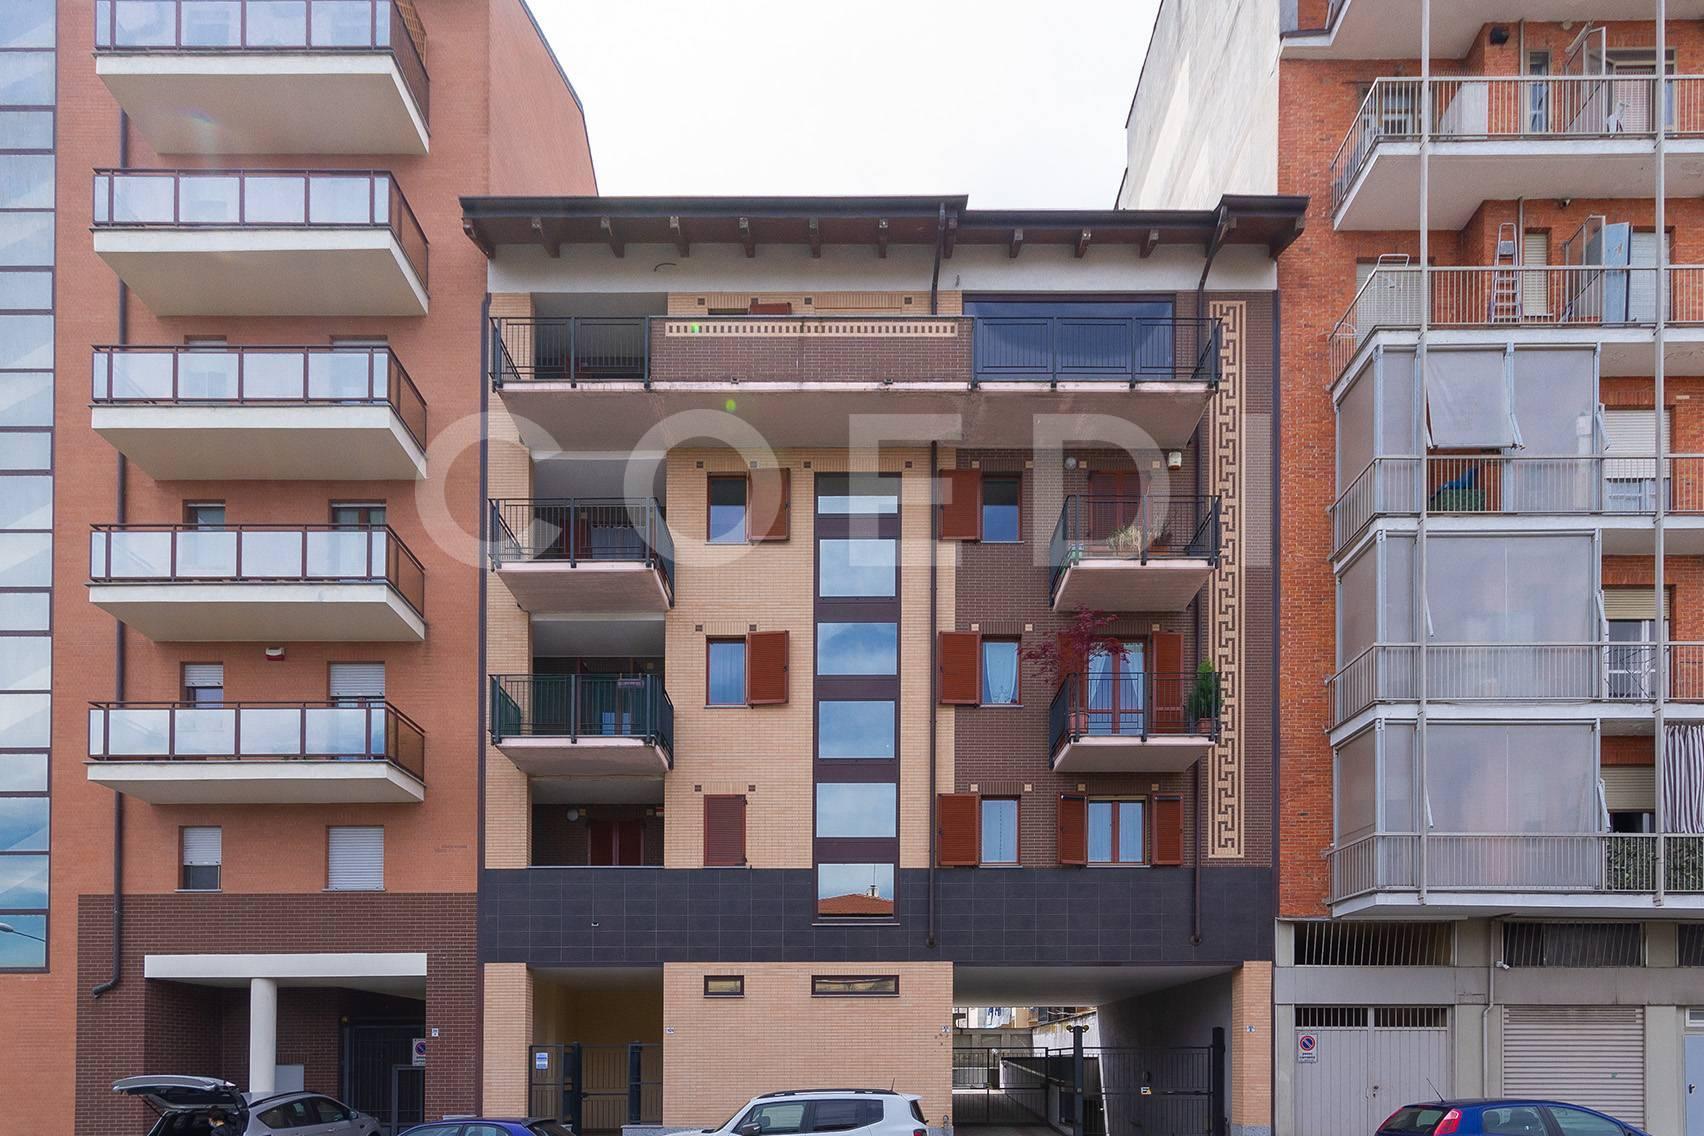 Appartamento in vendita a Torino, 2 locali, zona Località: BorgataVittoria, prezzo € 119.000 | PortaleAgenzieImmobiliari.it